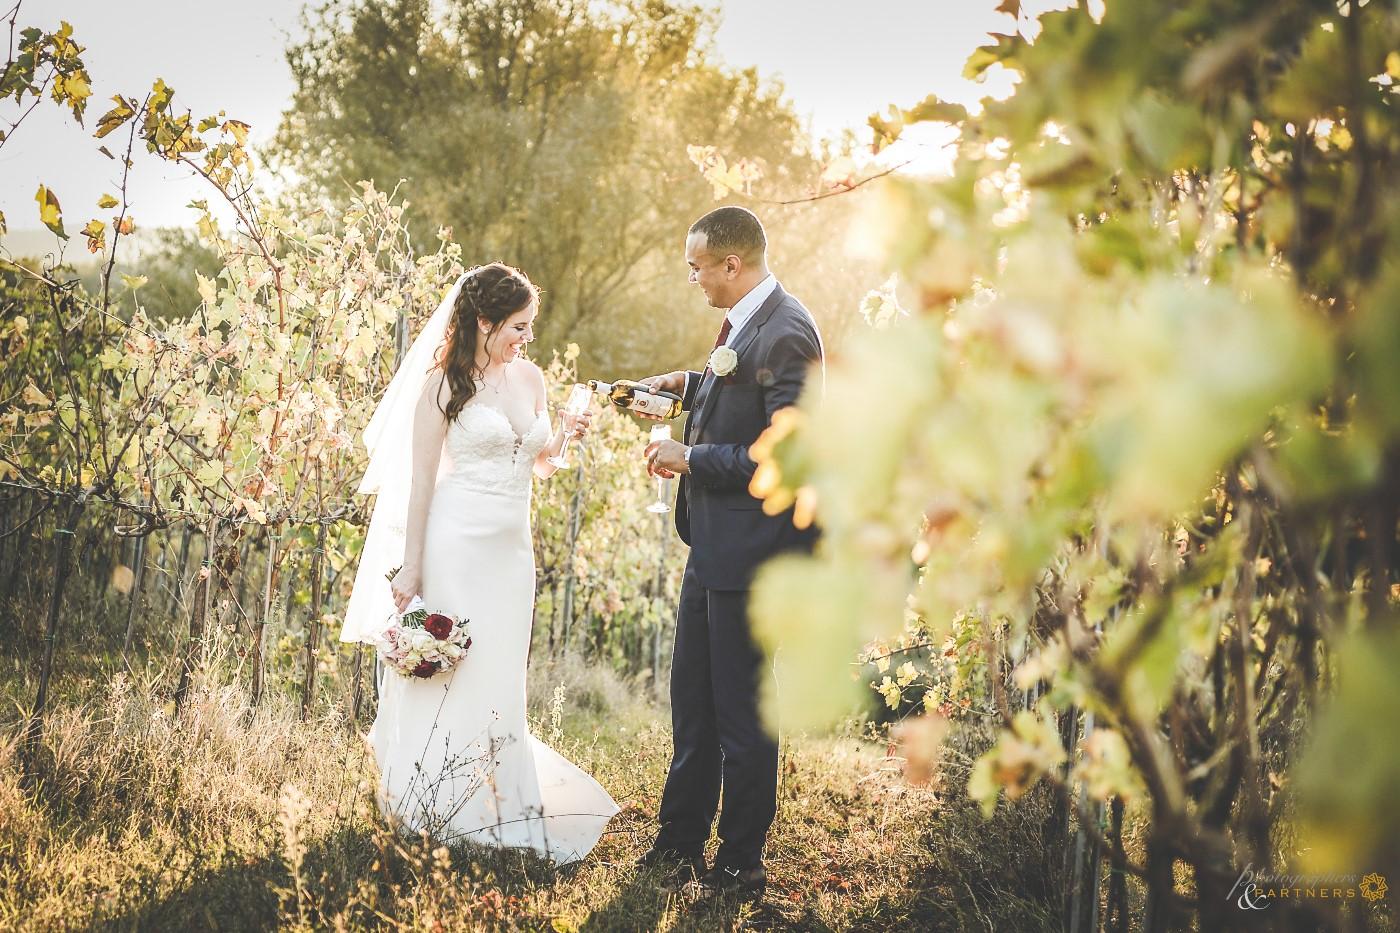 photographer_weddings_baroncino_12.jpg